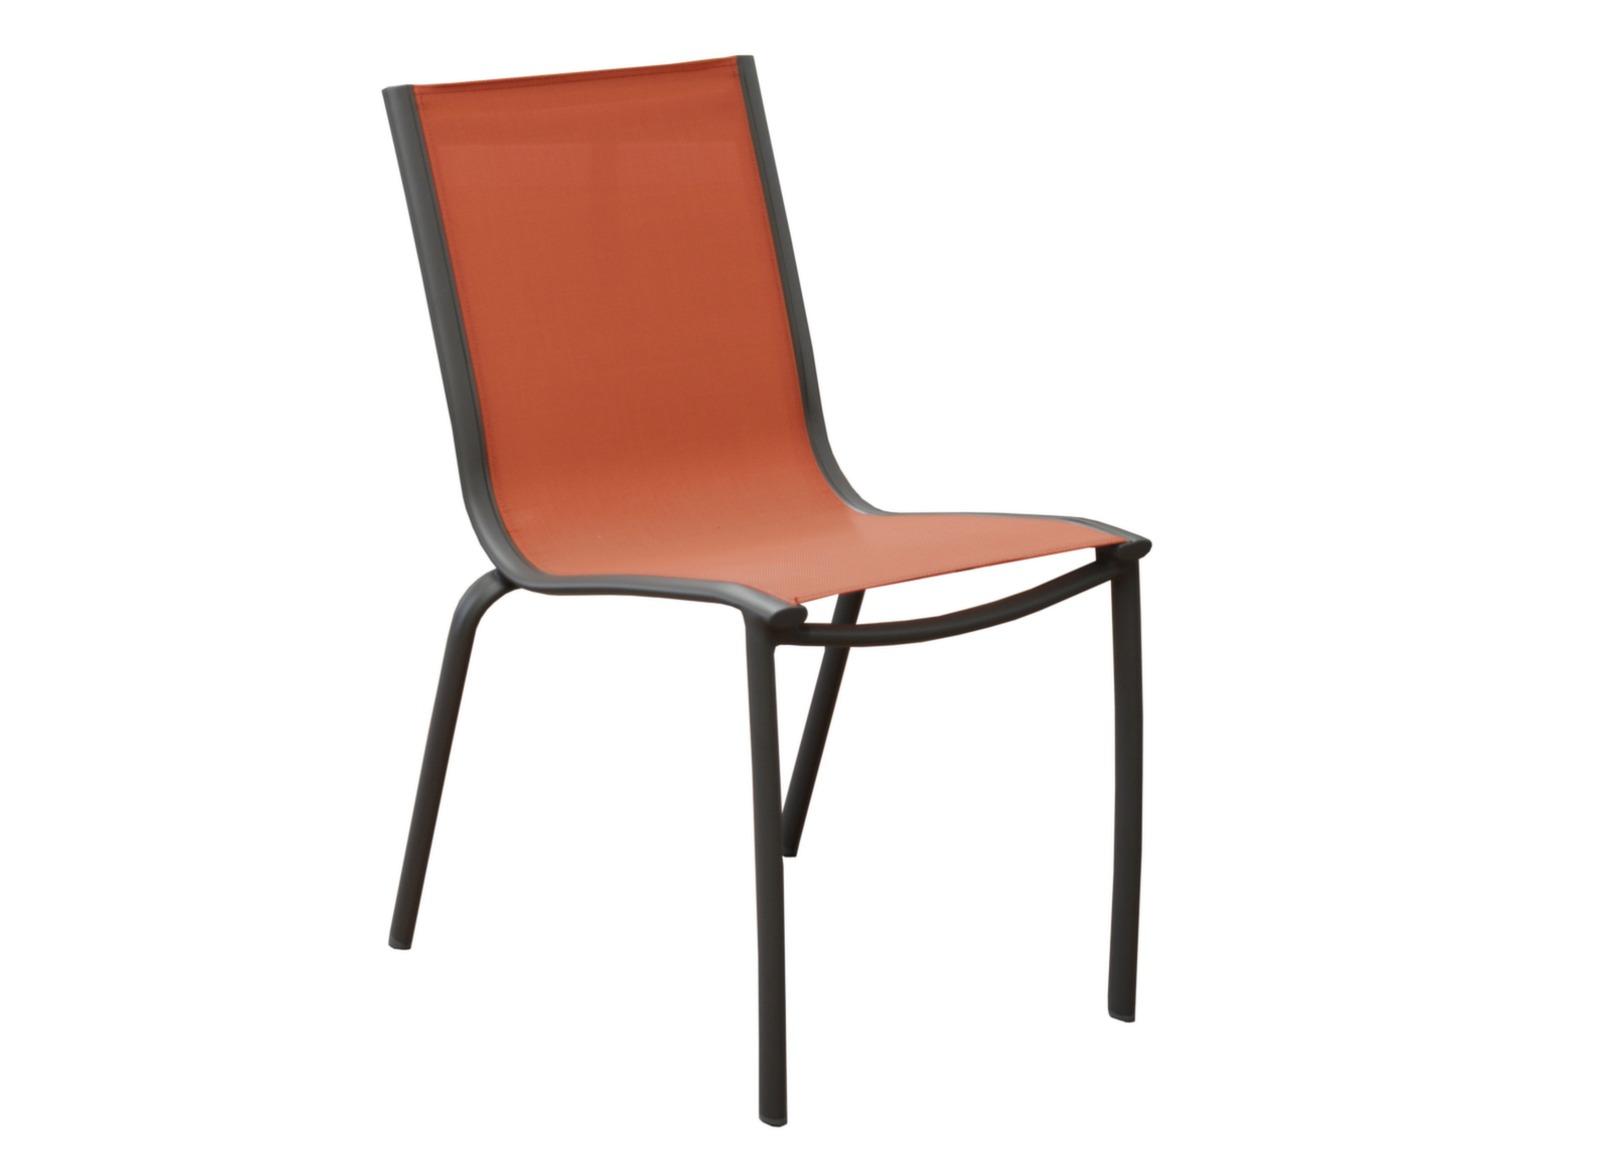 Chaise de jardin en aluminium lin a proloisirs - Toile pour chaise de jardin ...